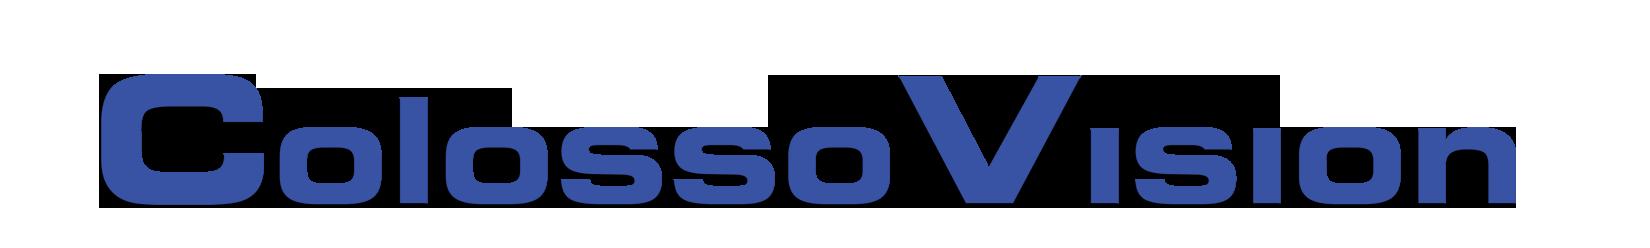 Colosso Vision